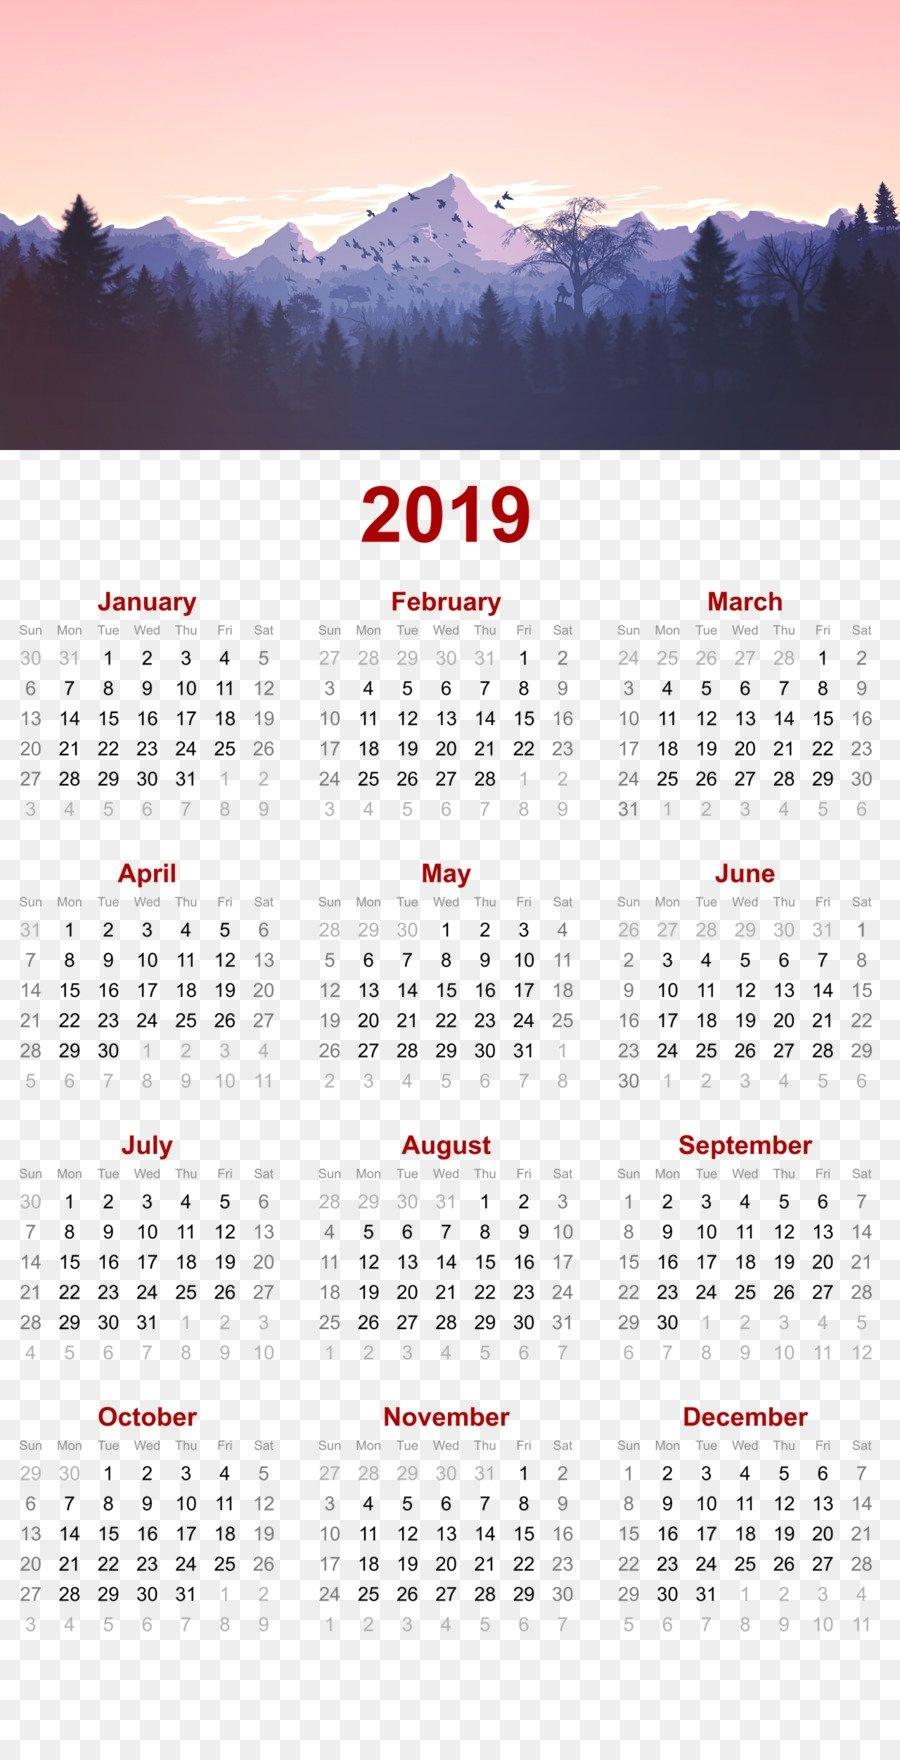 2019 Printable Calendar - Mountain Nature Design.p - Others Png P 2019 Calendar